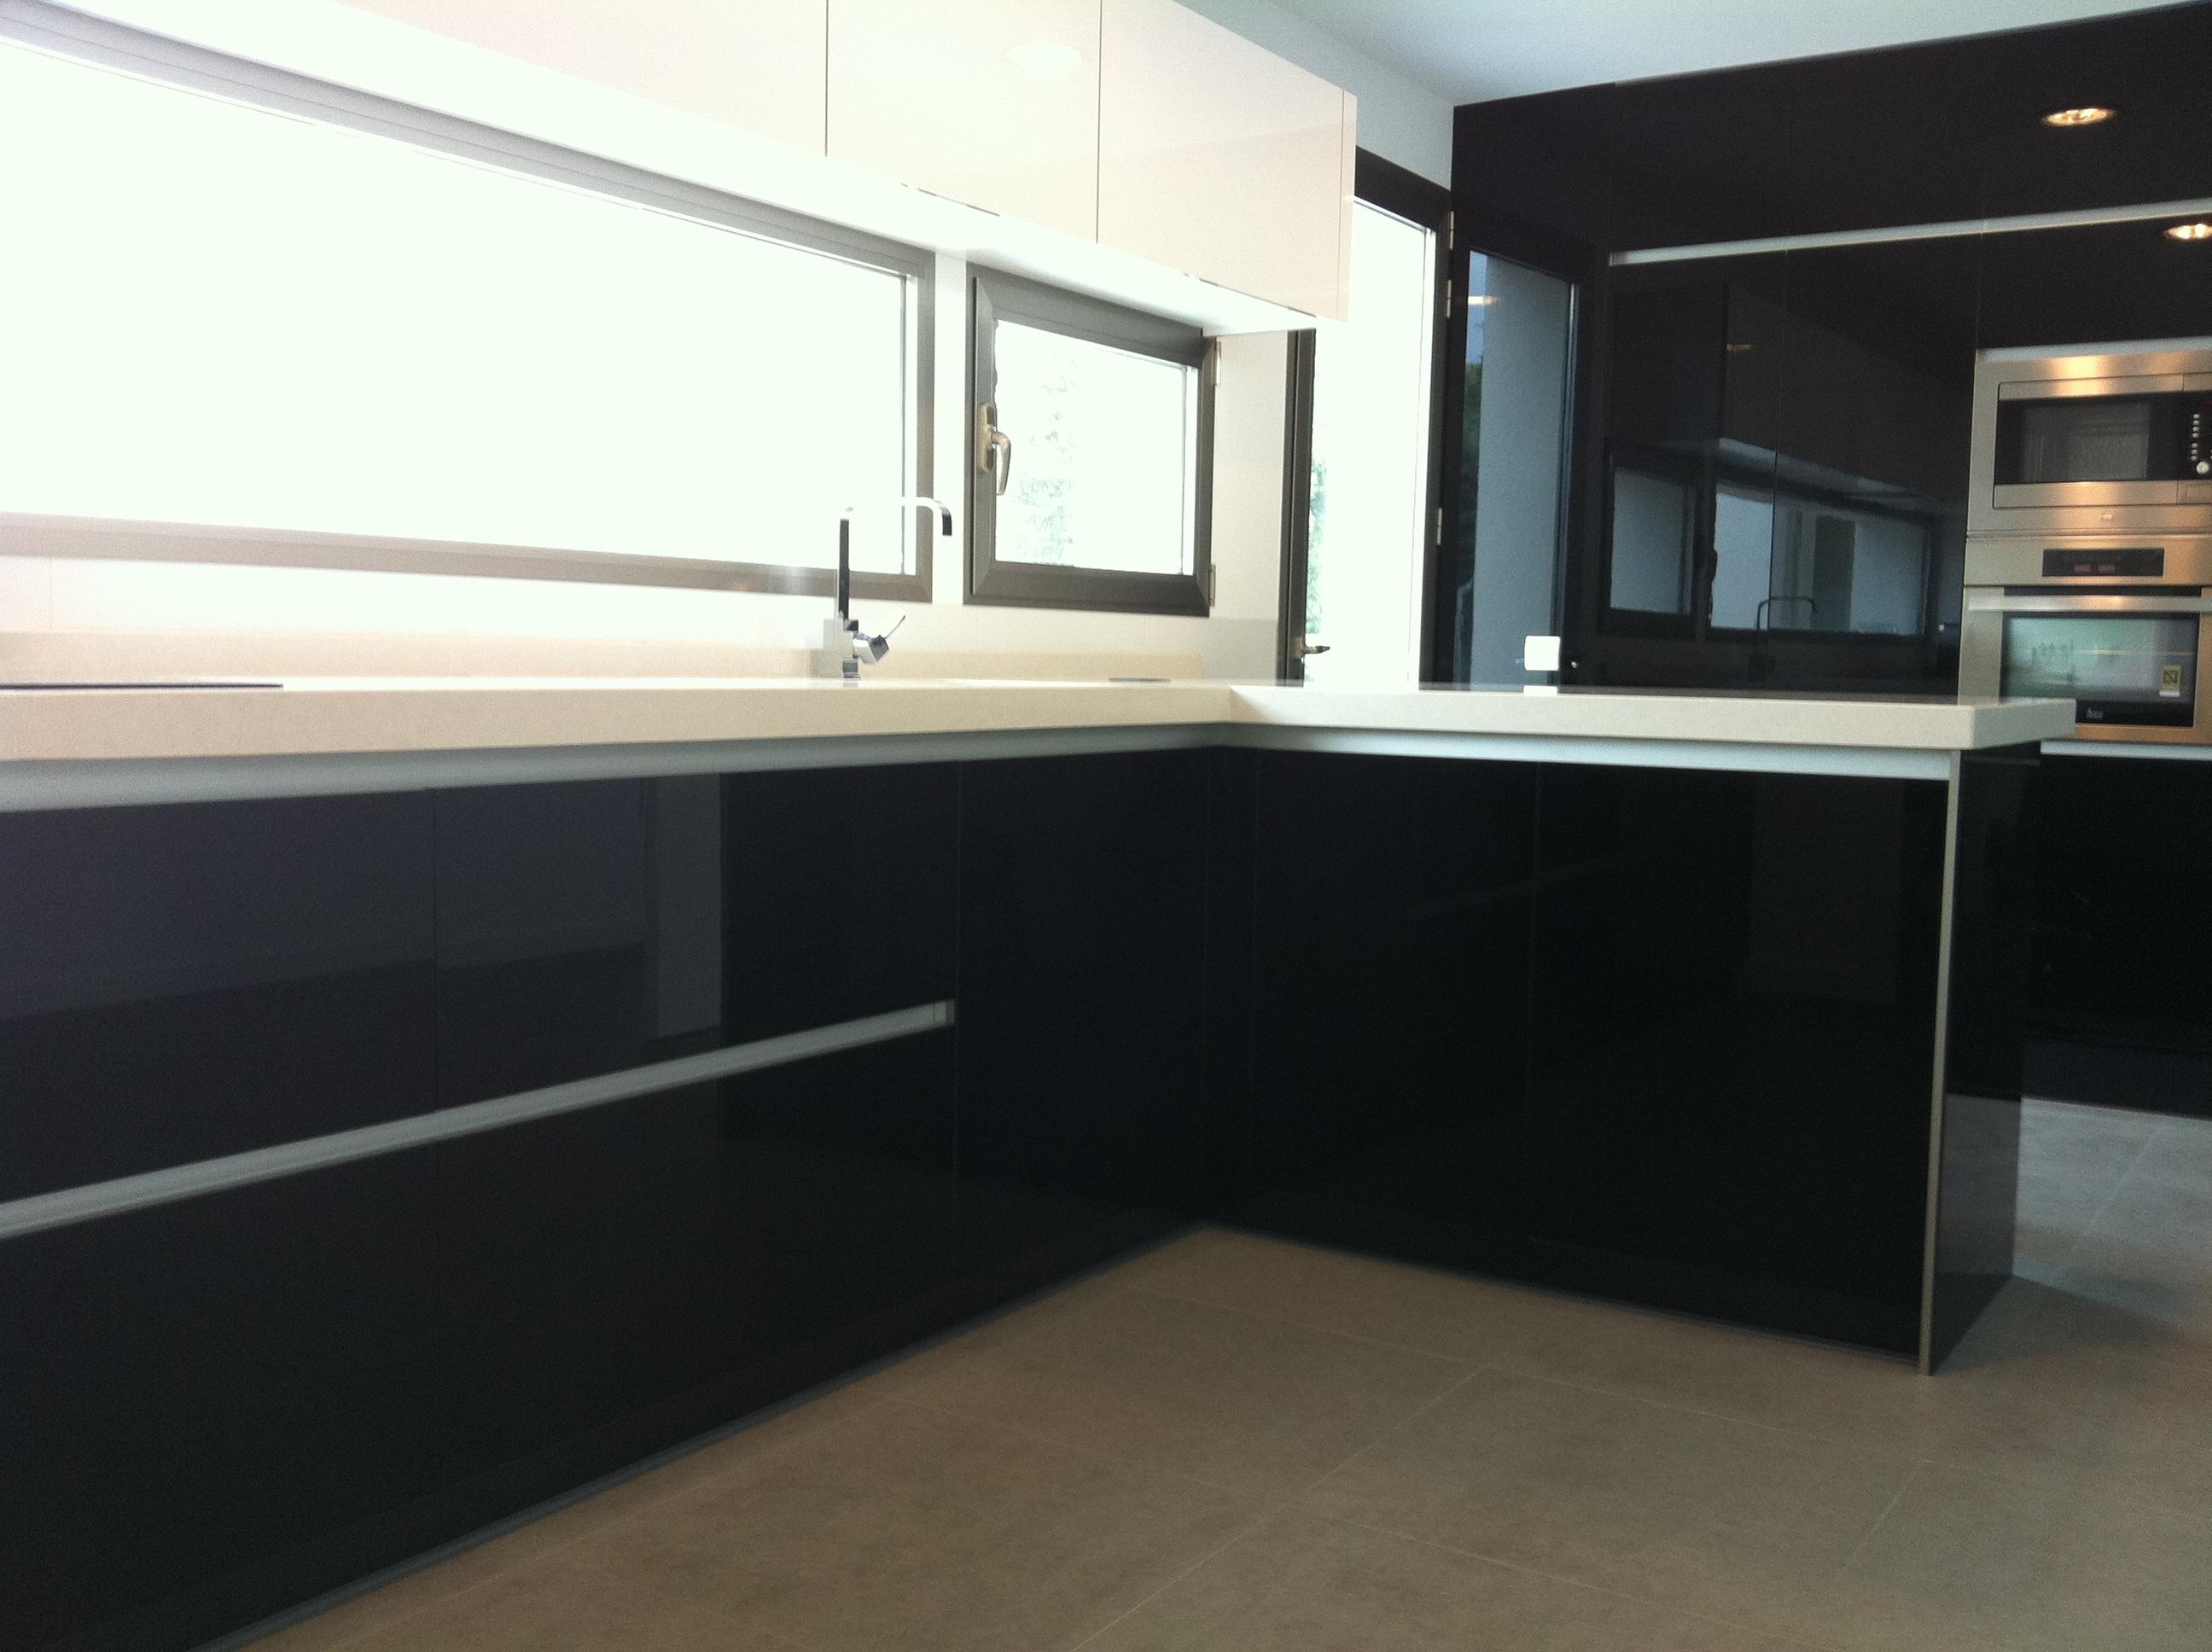 Diseno De Muebles De Cocina En Formica Ocinel Com ~ Limpiar Muebles De Cocina De Formica Mate